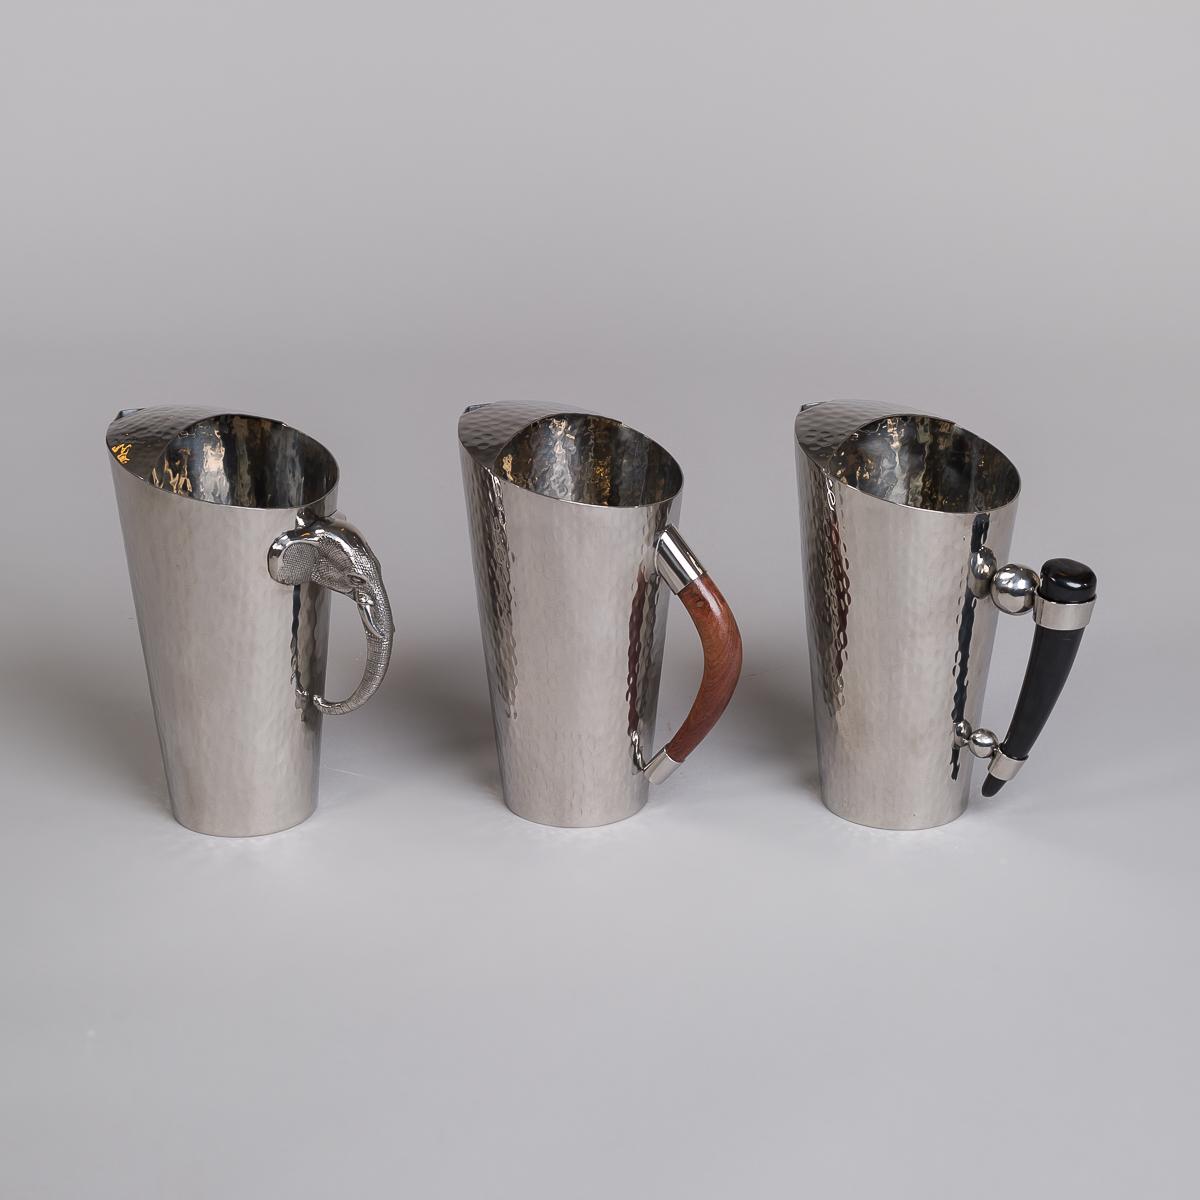 Mugge i rustfritt stål med håndtak i teak-39